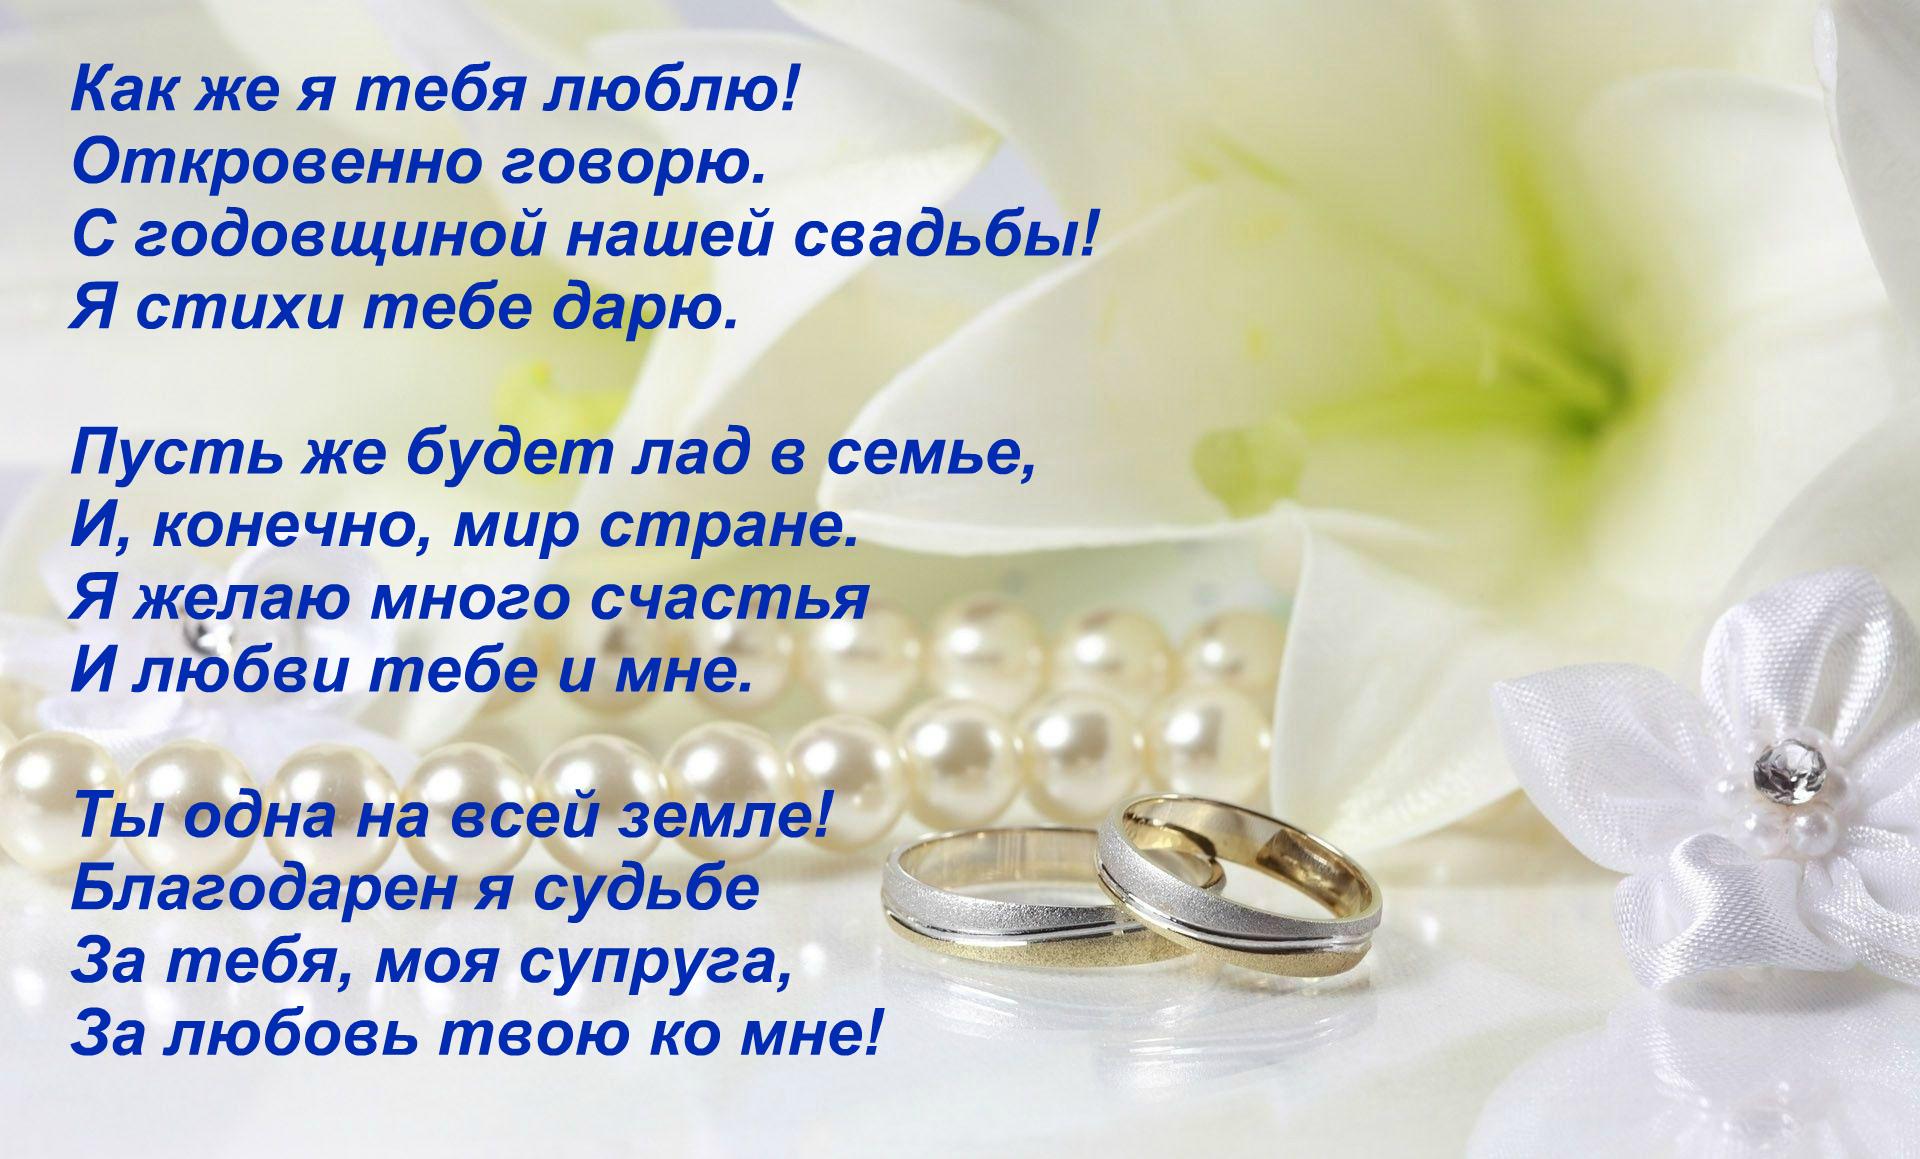 ❶23 годовщина свадьбы стихи|Открытки с 23 февраля с самолетами|Поздравления - 17 Сентября - AMV by Uchiha-style||}